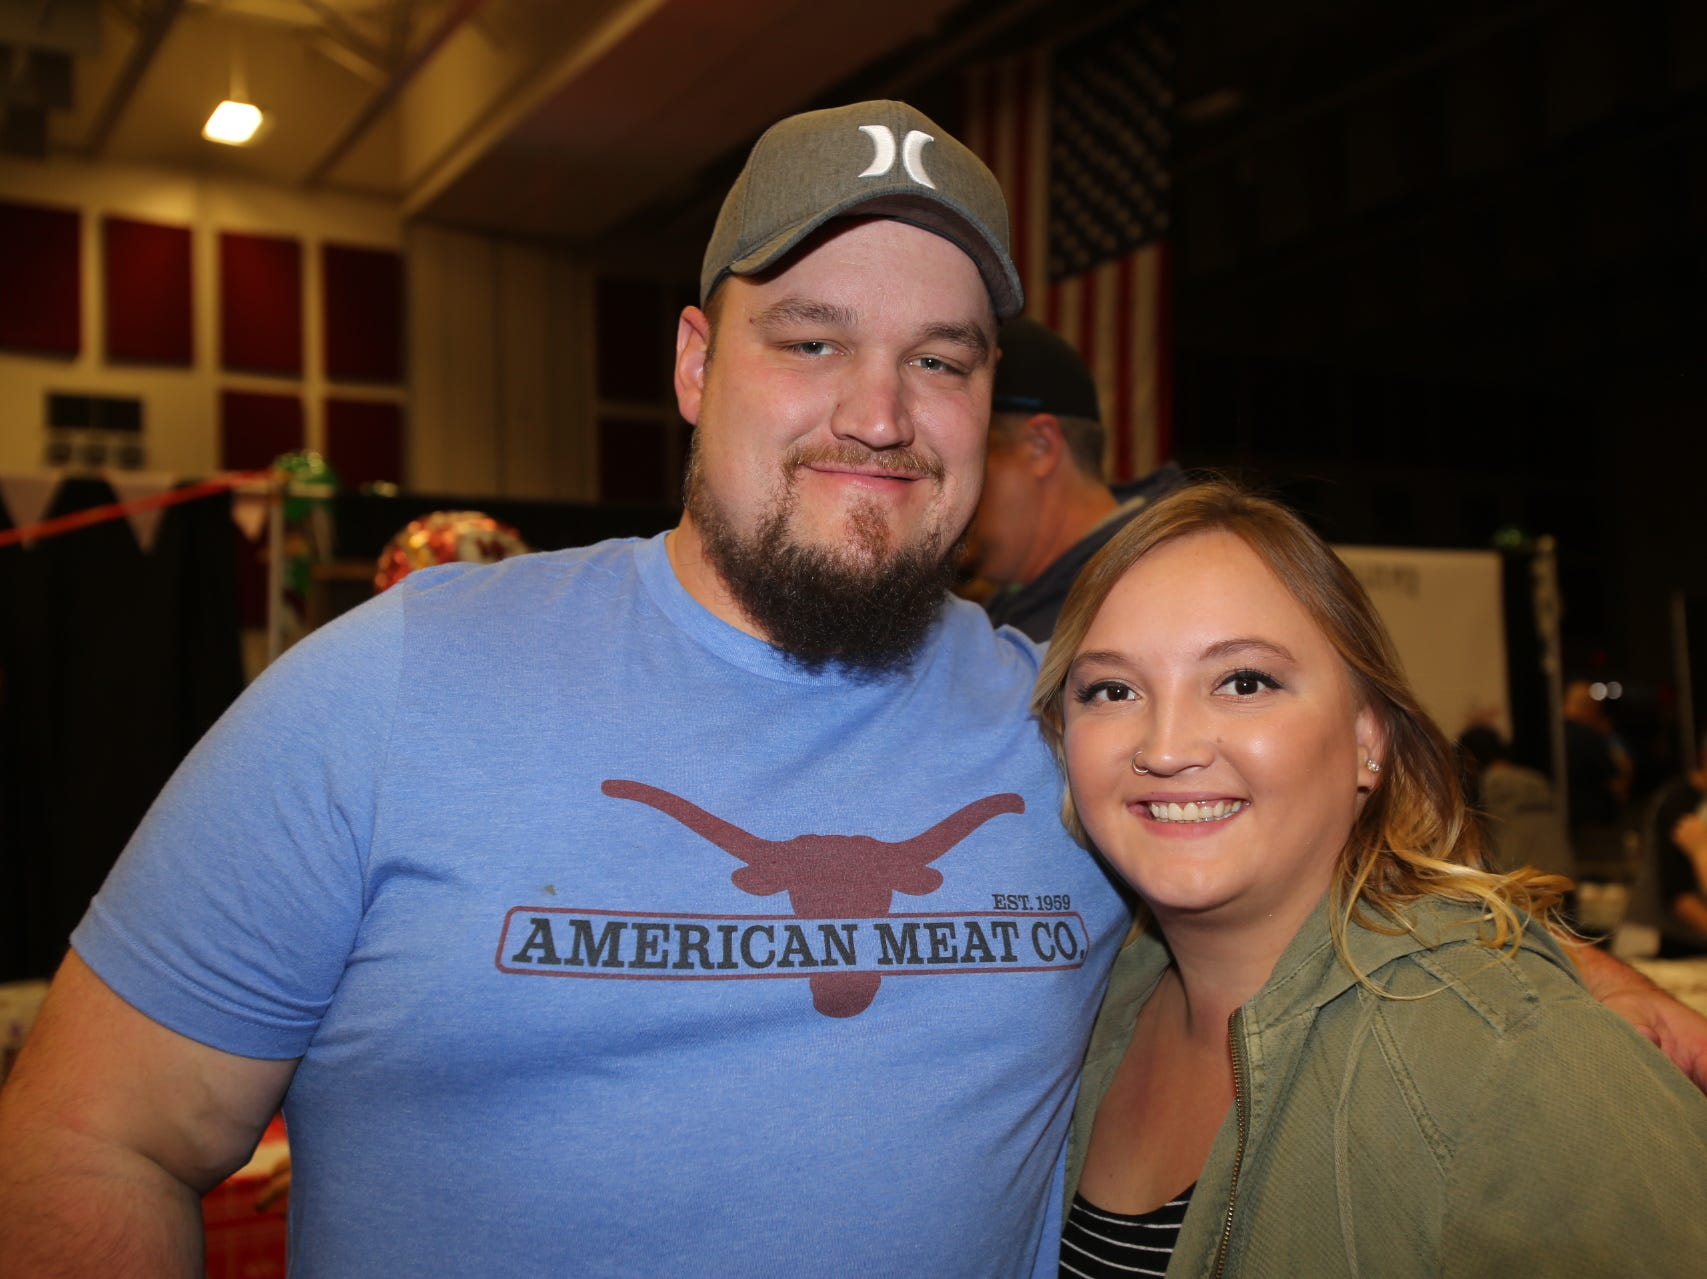 Daniel Jones and Chloe Feldt